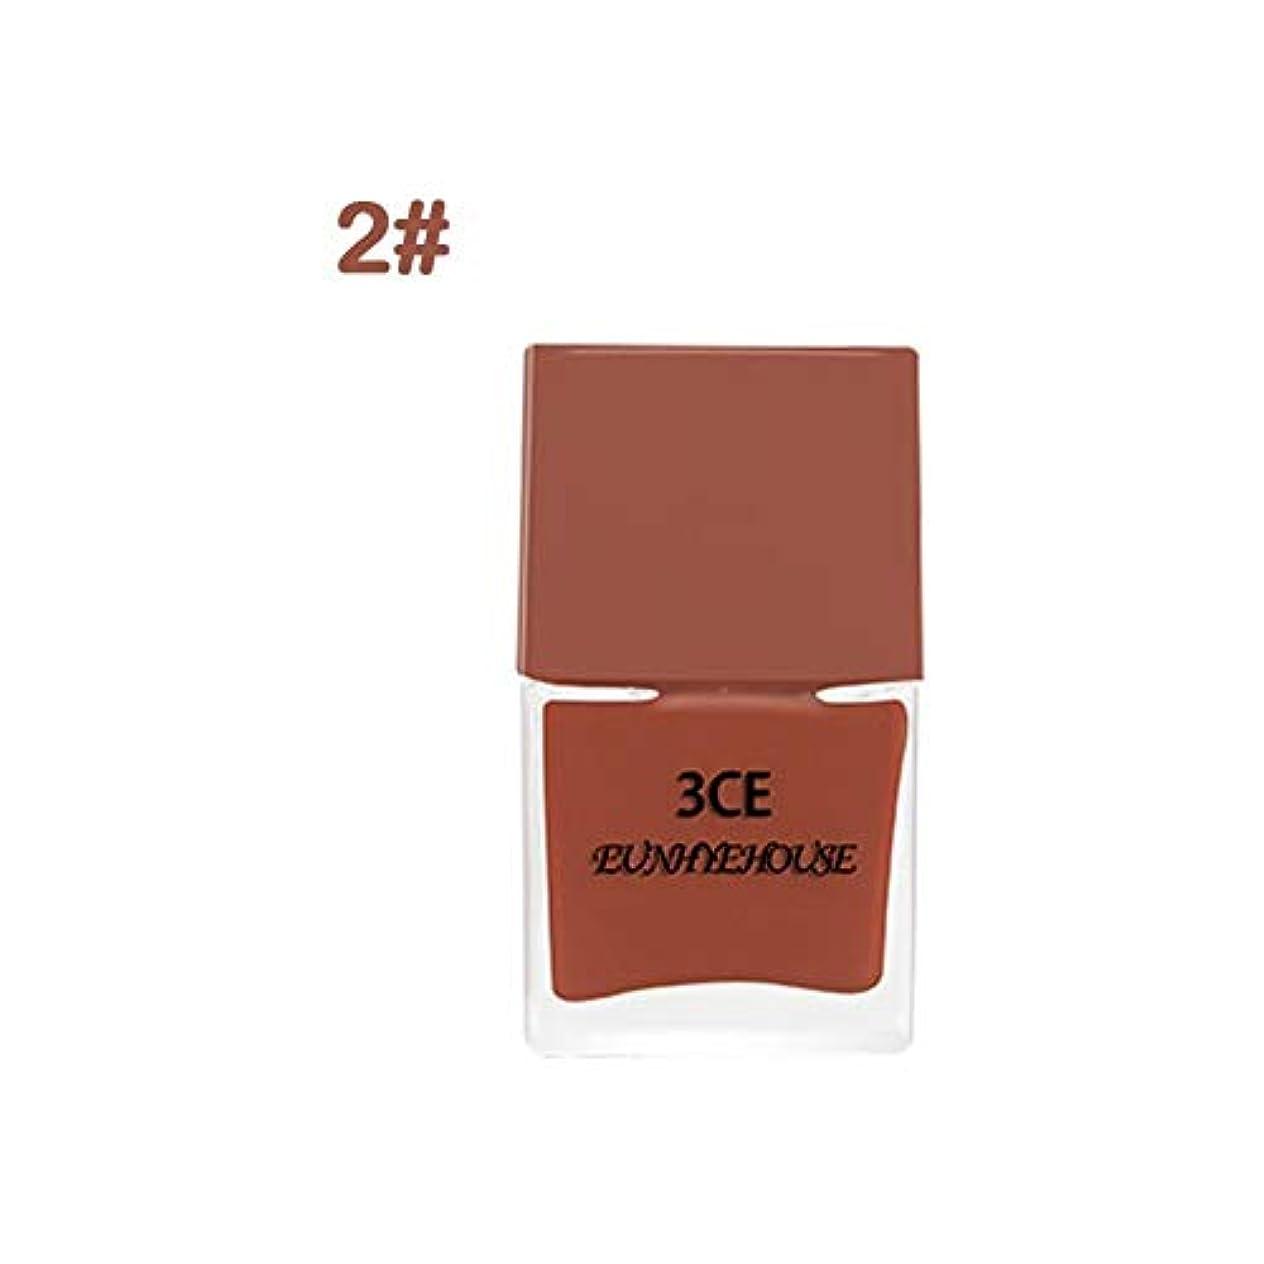 居心地の良い支配的緯度高品質 8色選べる ネイルポリッシュ ネイルカラー レッド パンプキンカラー 秋色 ネイルデコレーション ネイルジェル マニキュア 人気ネイル用品 junexi